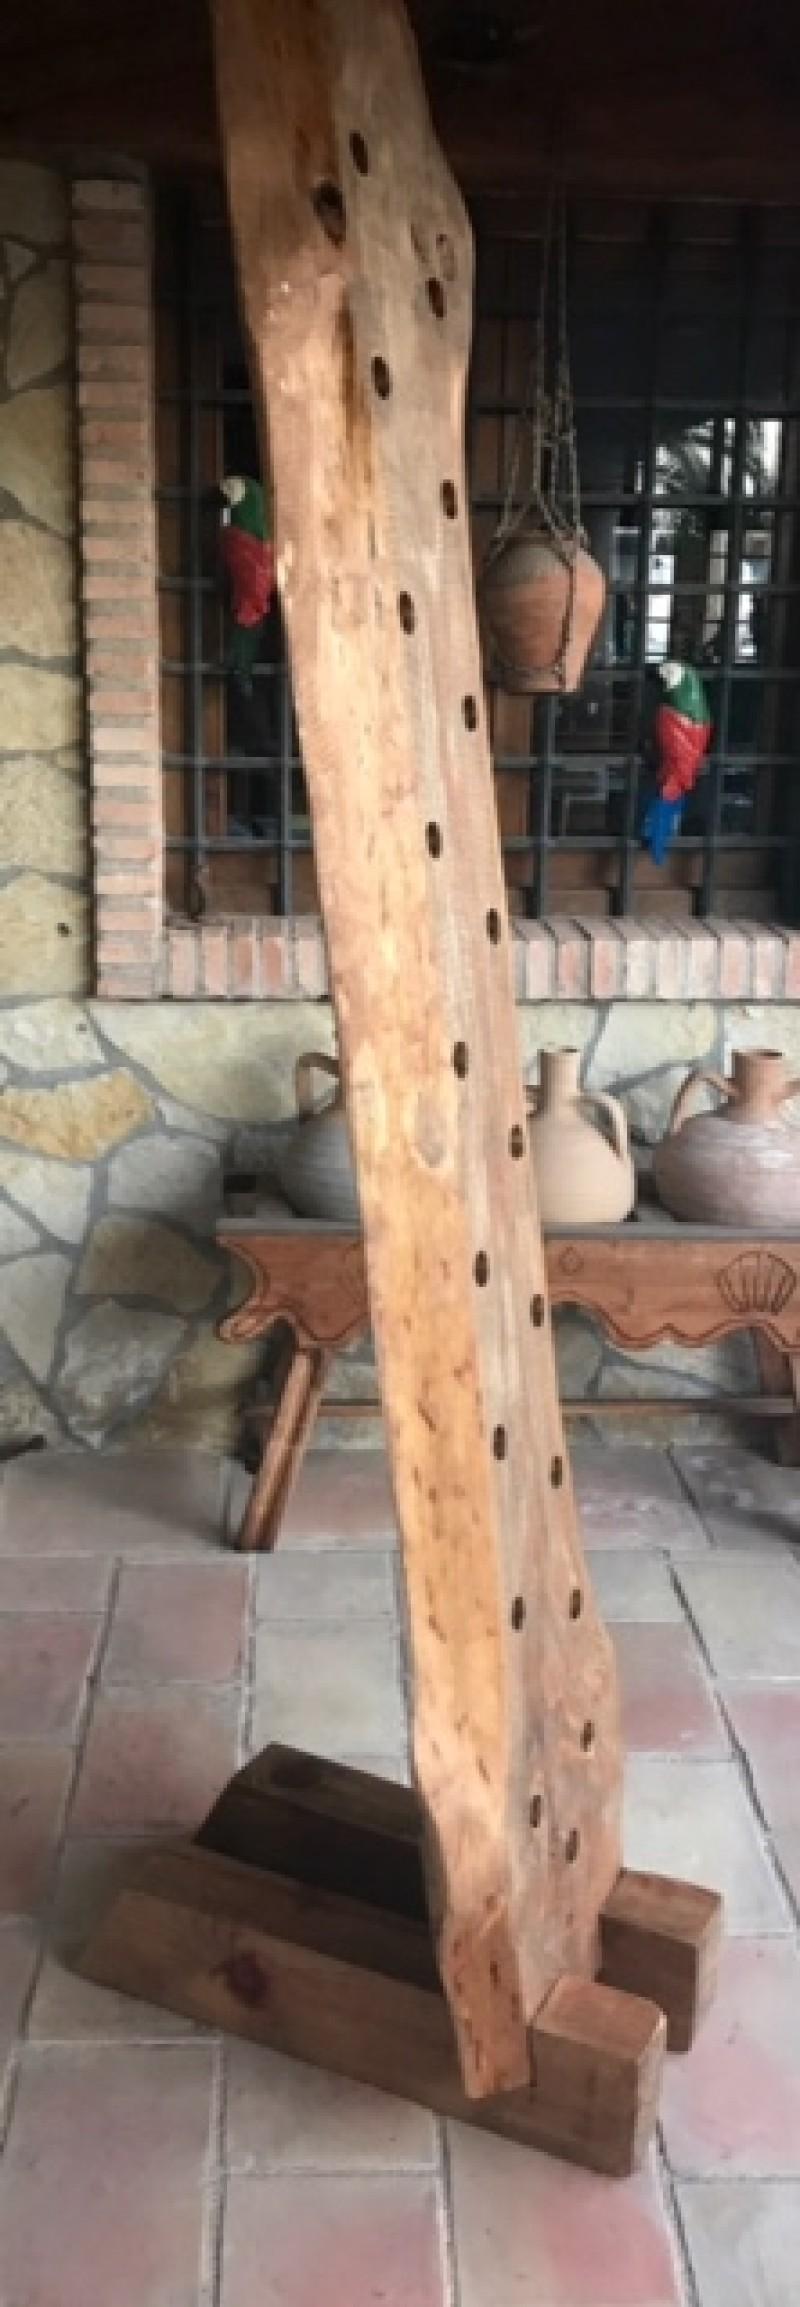 Botellero de madera. Mide 2.10 cm de alto x 48 cm de ancho x 67 cm de fondo